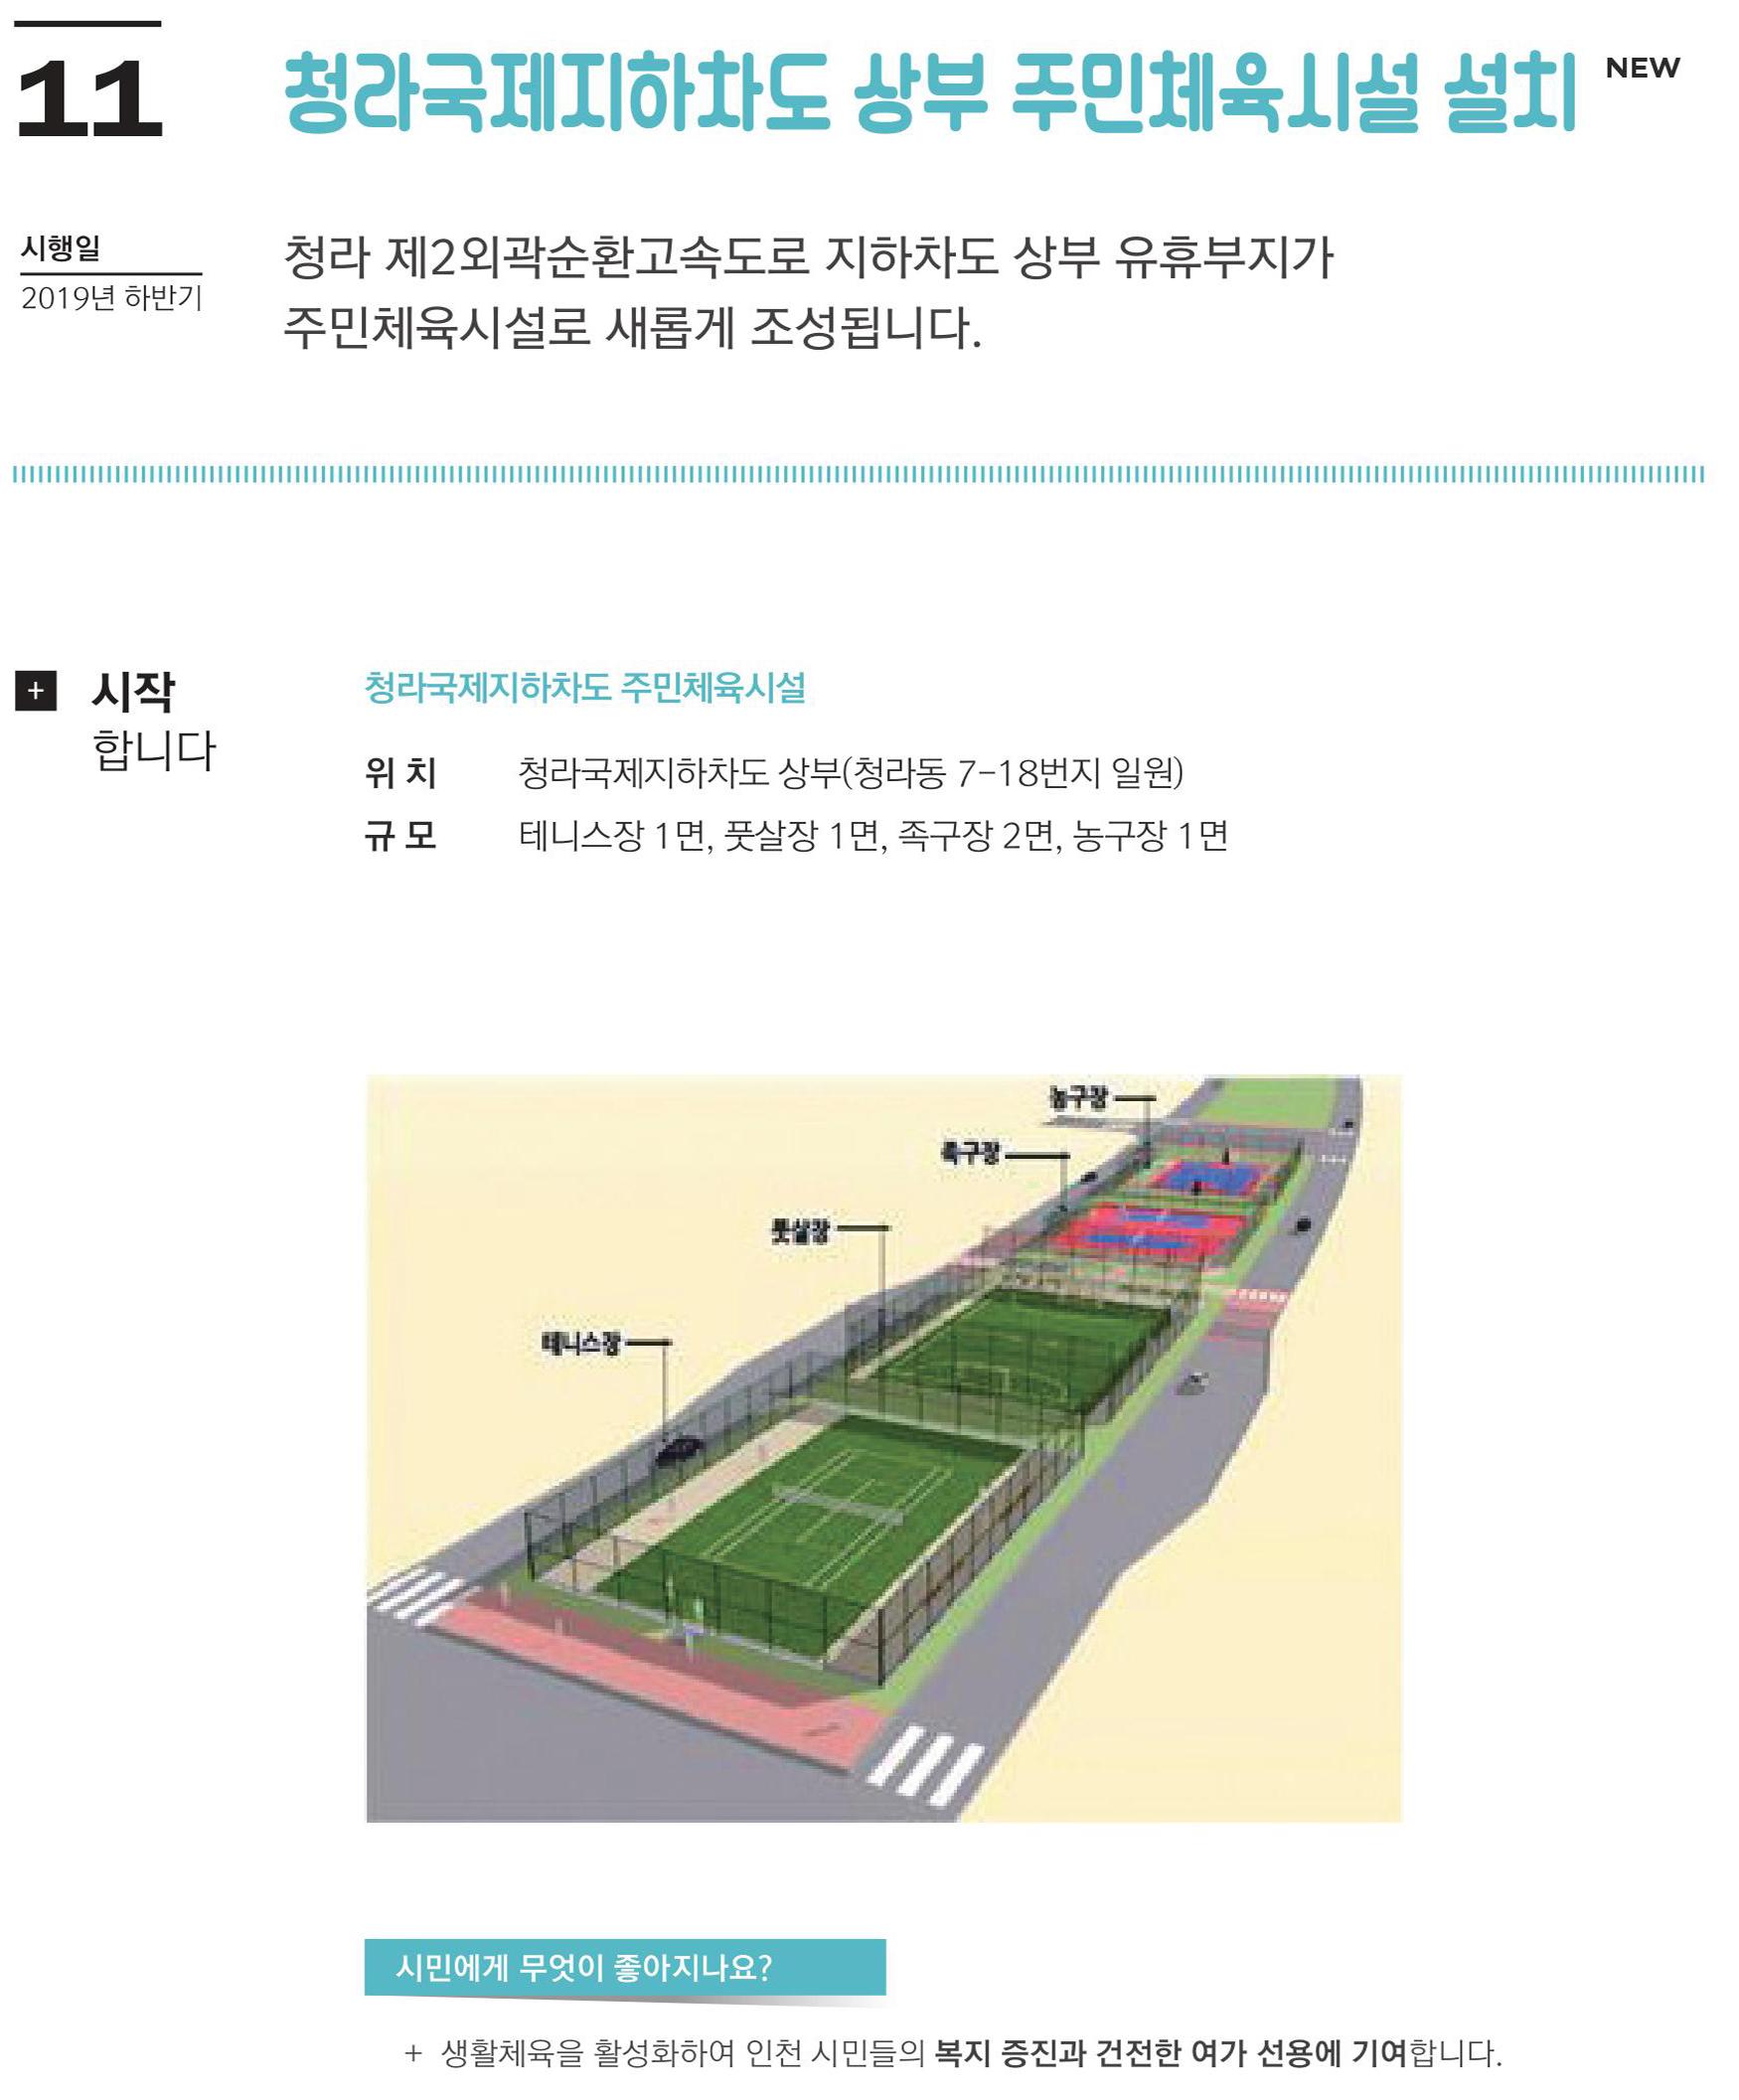 청라국제지하차도-주민체육시설